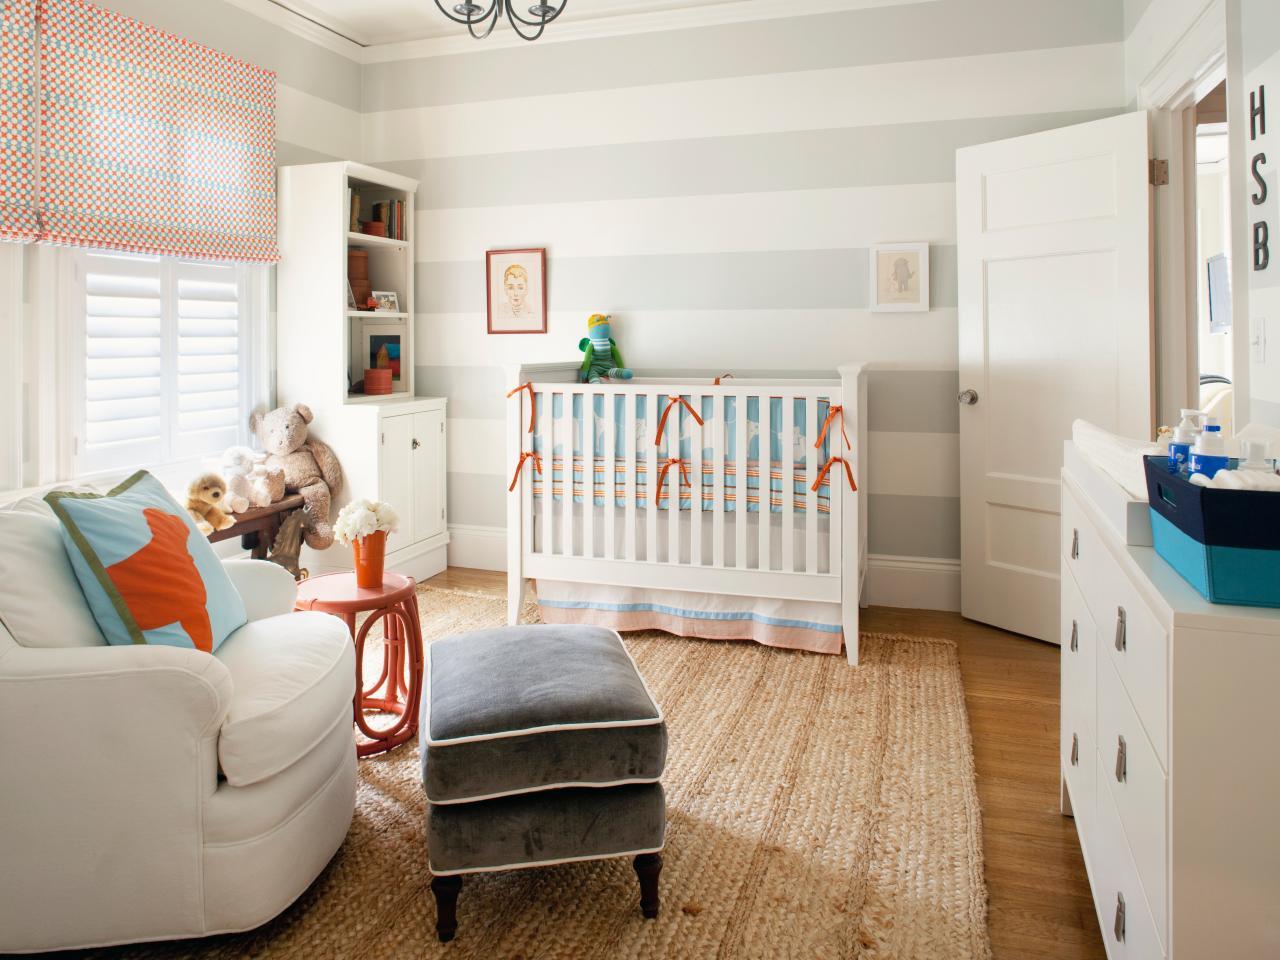 Idée déco chambre bébé   bébé et décoration   chambre bébé   santé ...